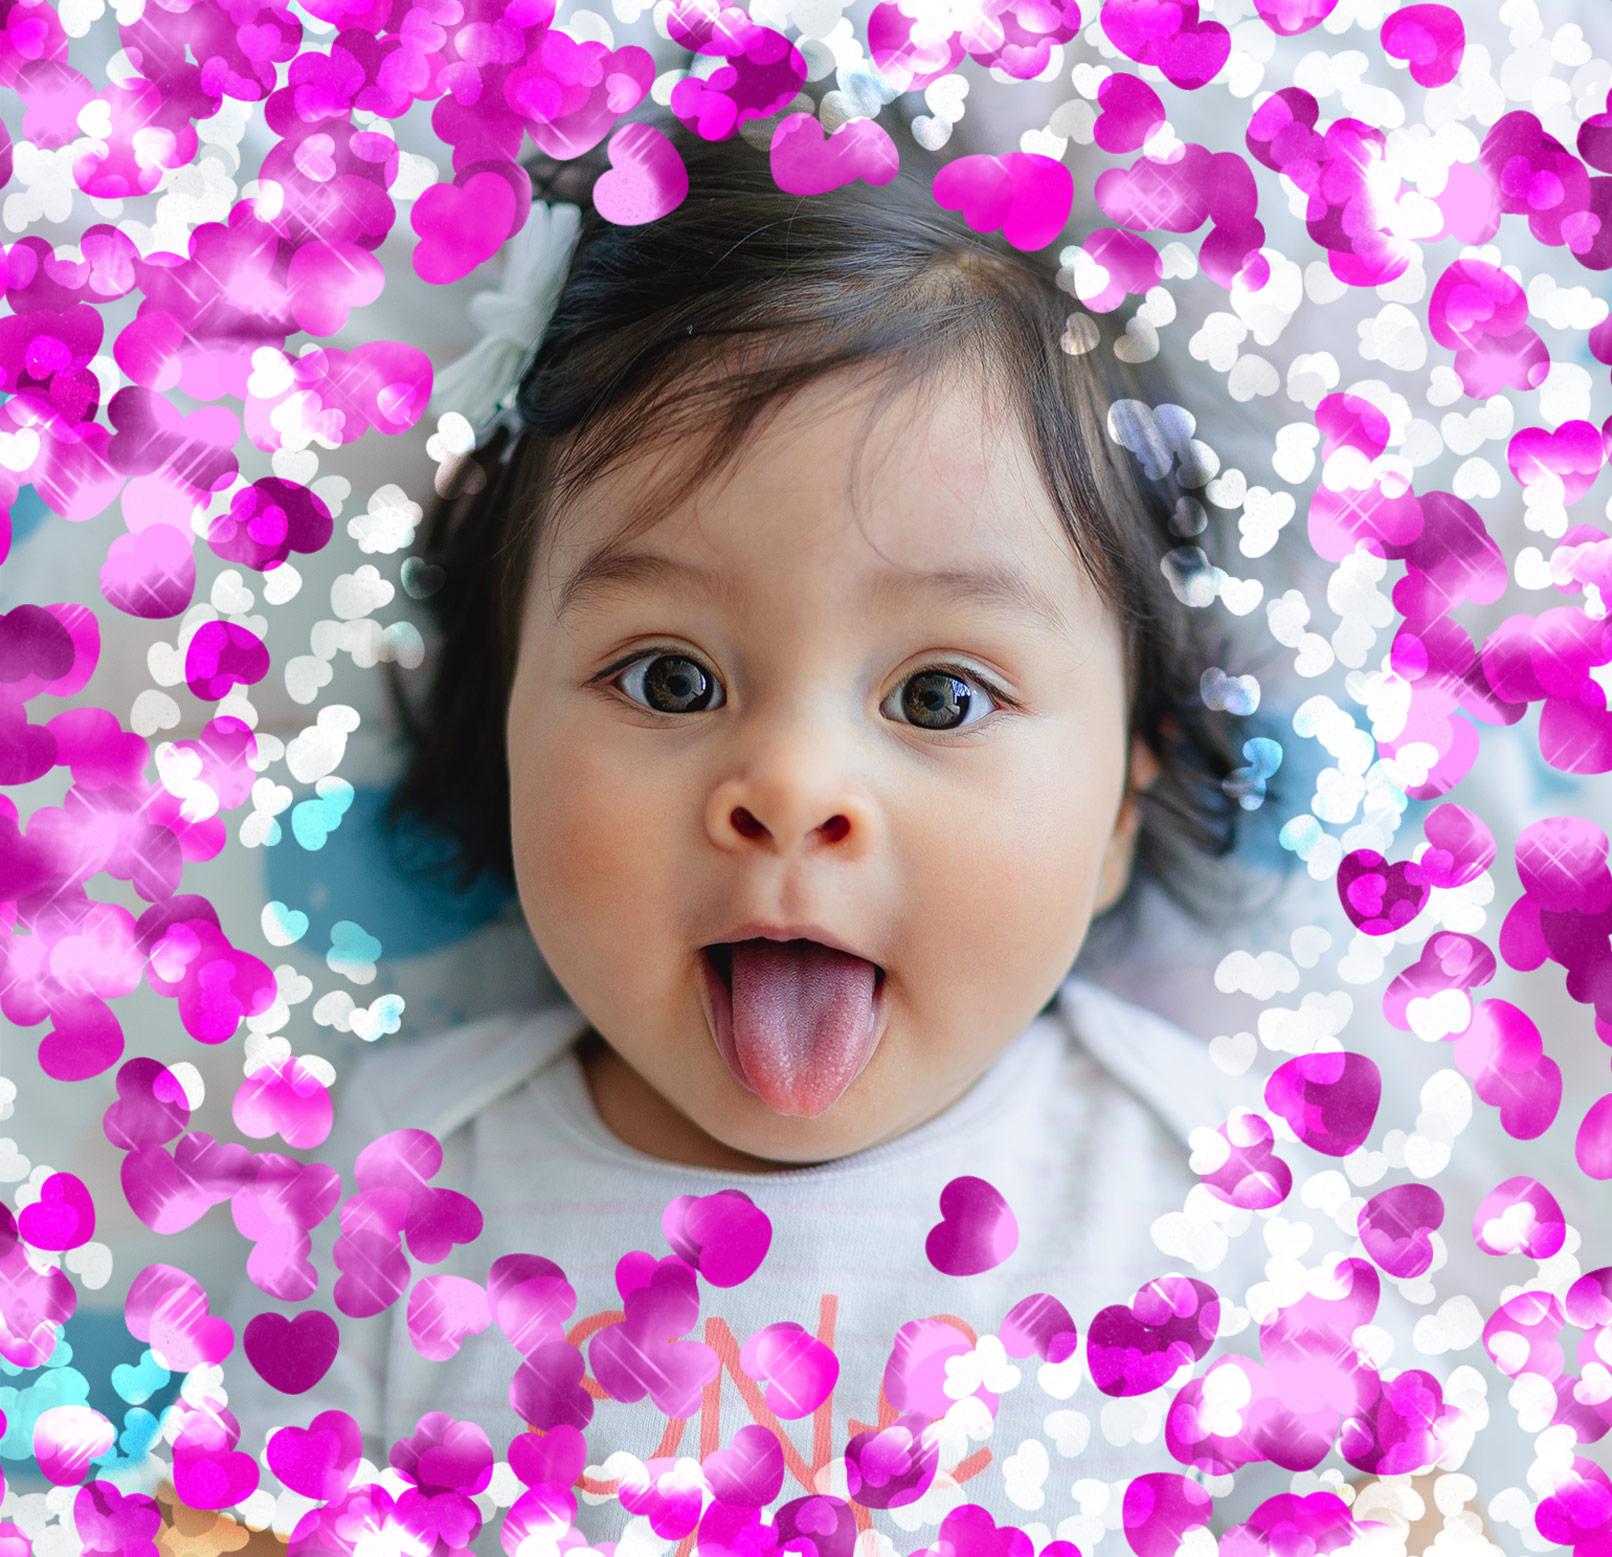 Portrait eines Mädchens, darum Herz-Konfetti, aufgebracht in Photoshop